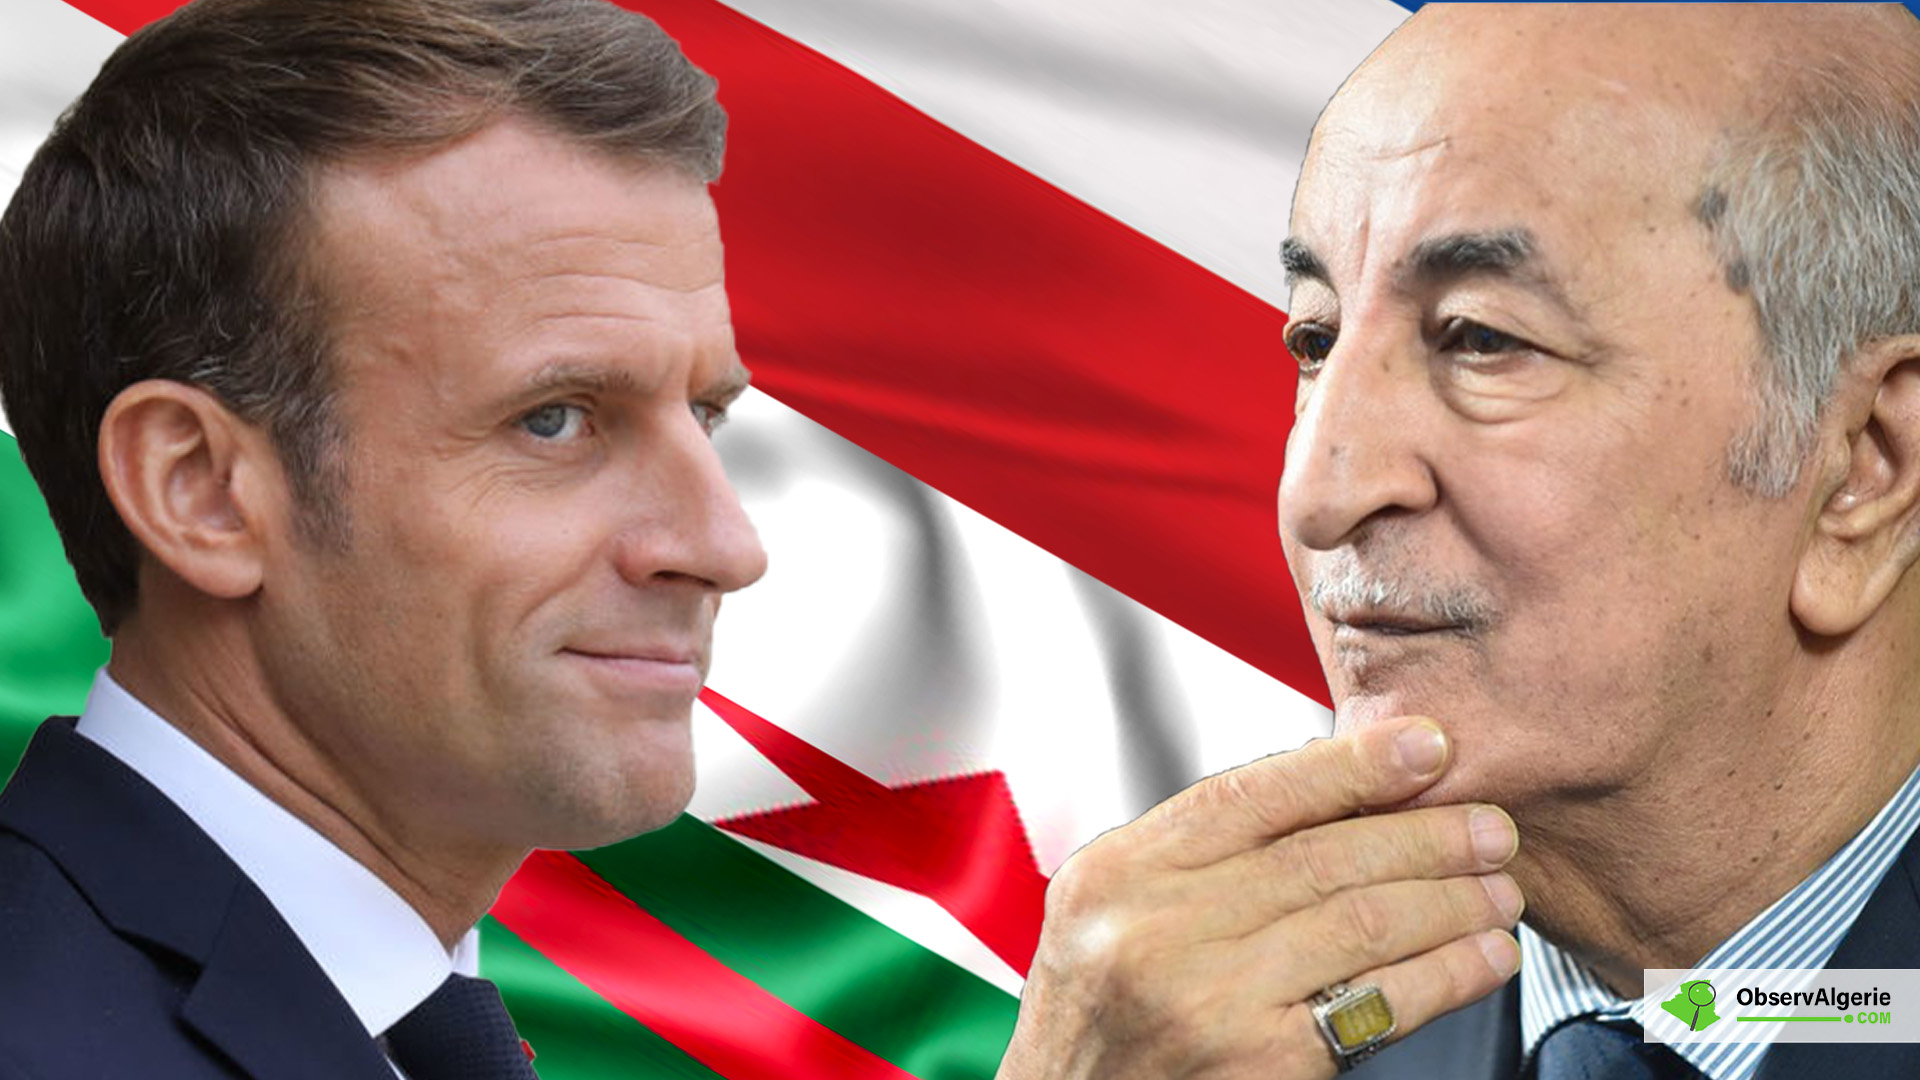 Algérie : l'opposition critique les déclarations de Macron sur Tebboune